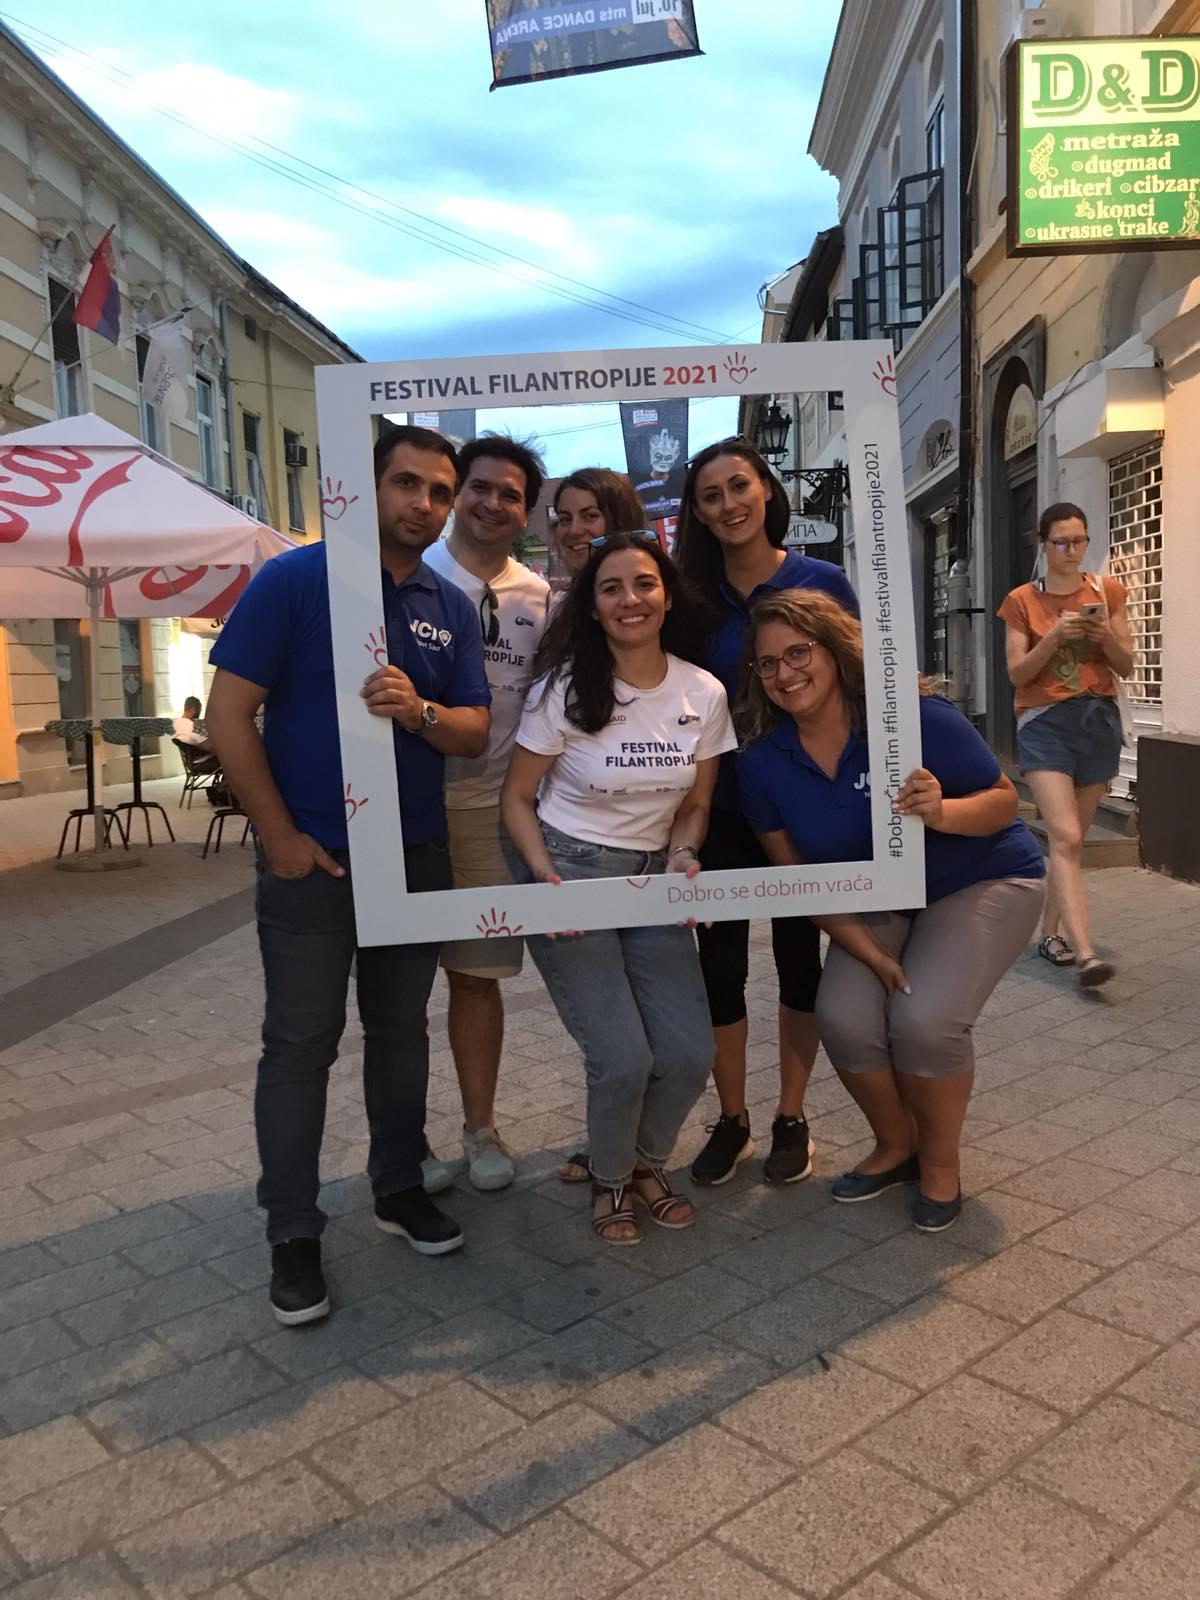 Ulične priče o dobročinstvu – Festival filantropije 2021